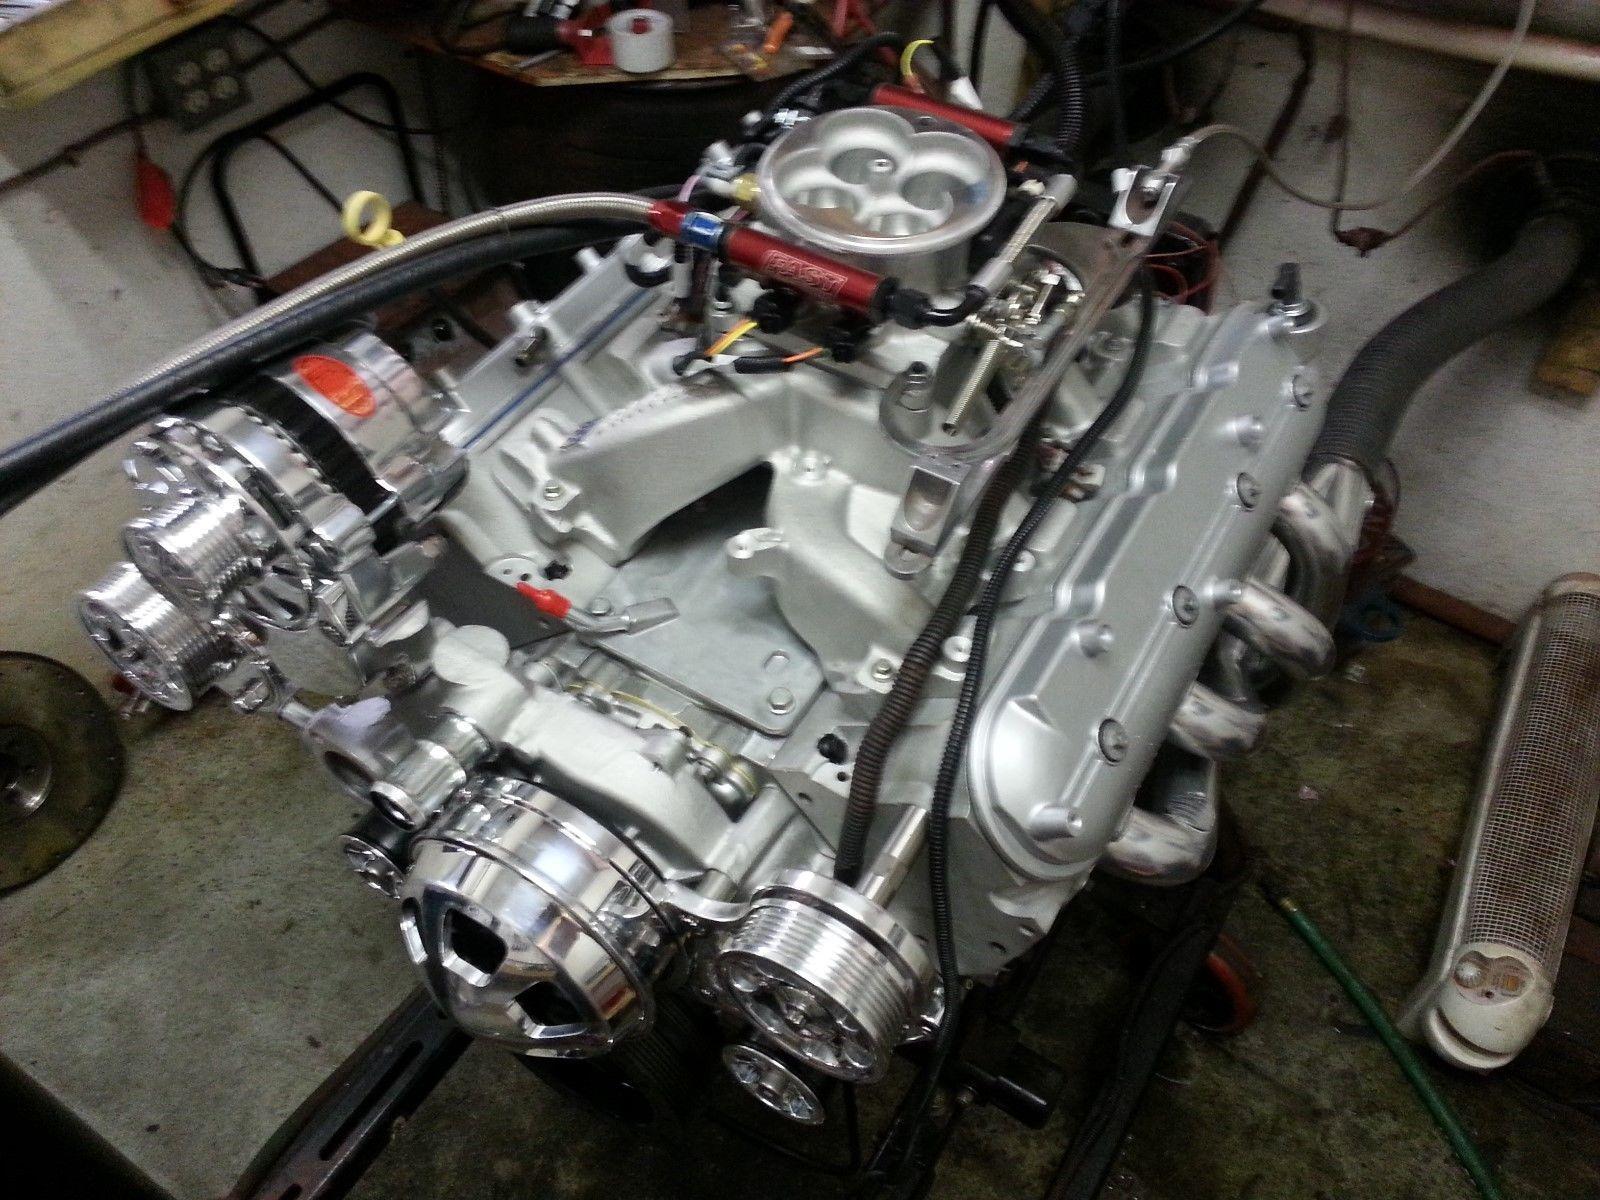 Details about CHEVY LS CRATE ENGINE 6.0L 364CID LS2 LS1 ...